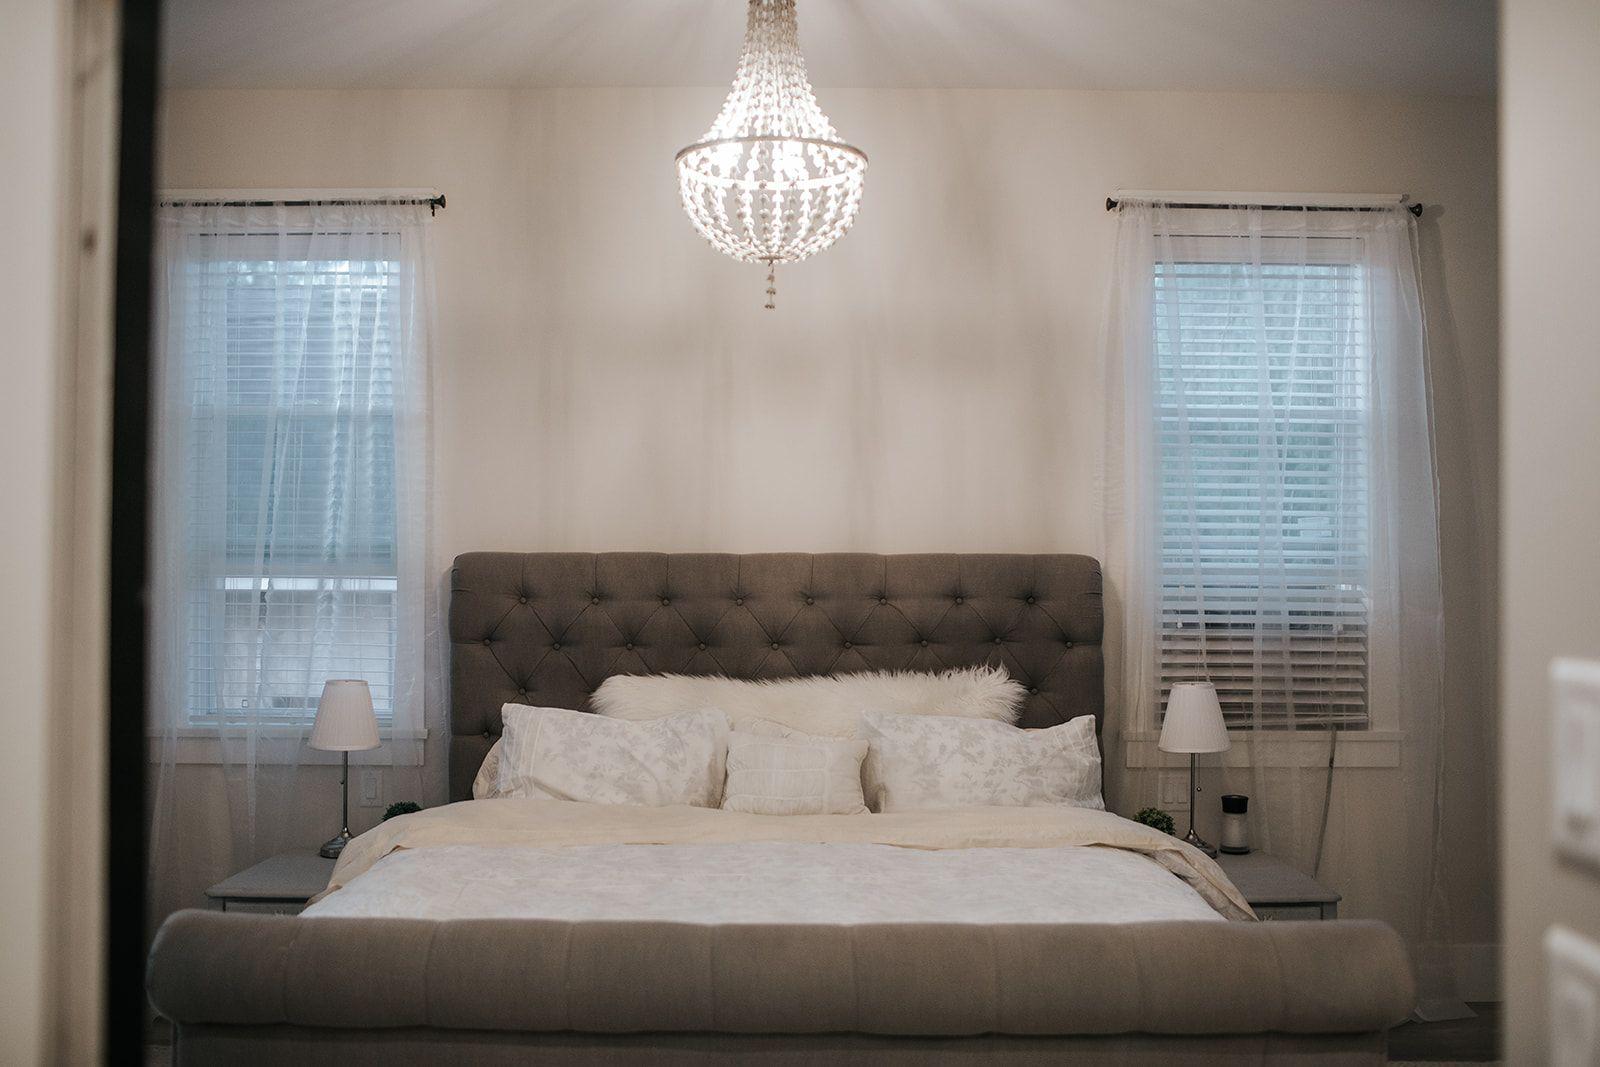 Restoration hardware lighting. Upholstered grey bed. Sheer